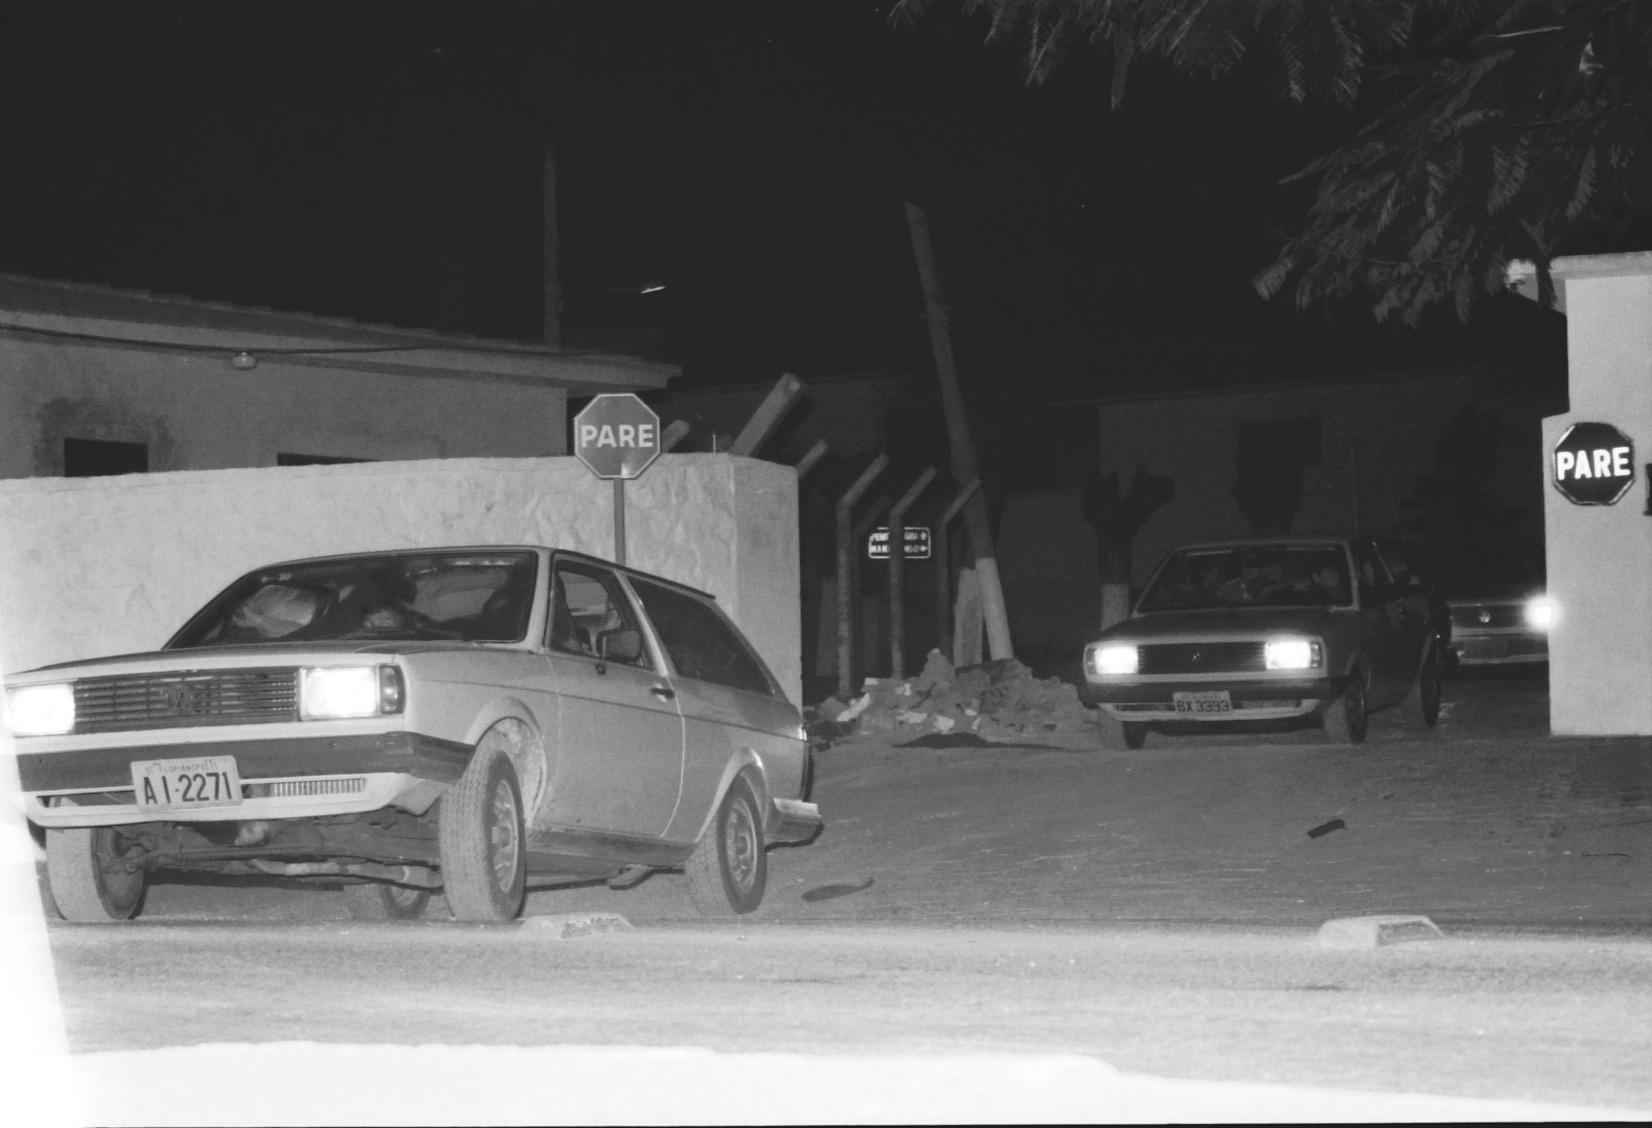 30 anos depois: os bastidores da maior rebelião de Santa Catarina